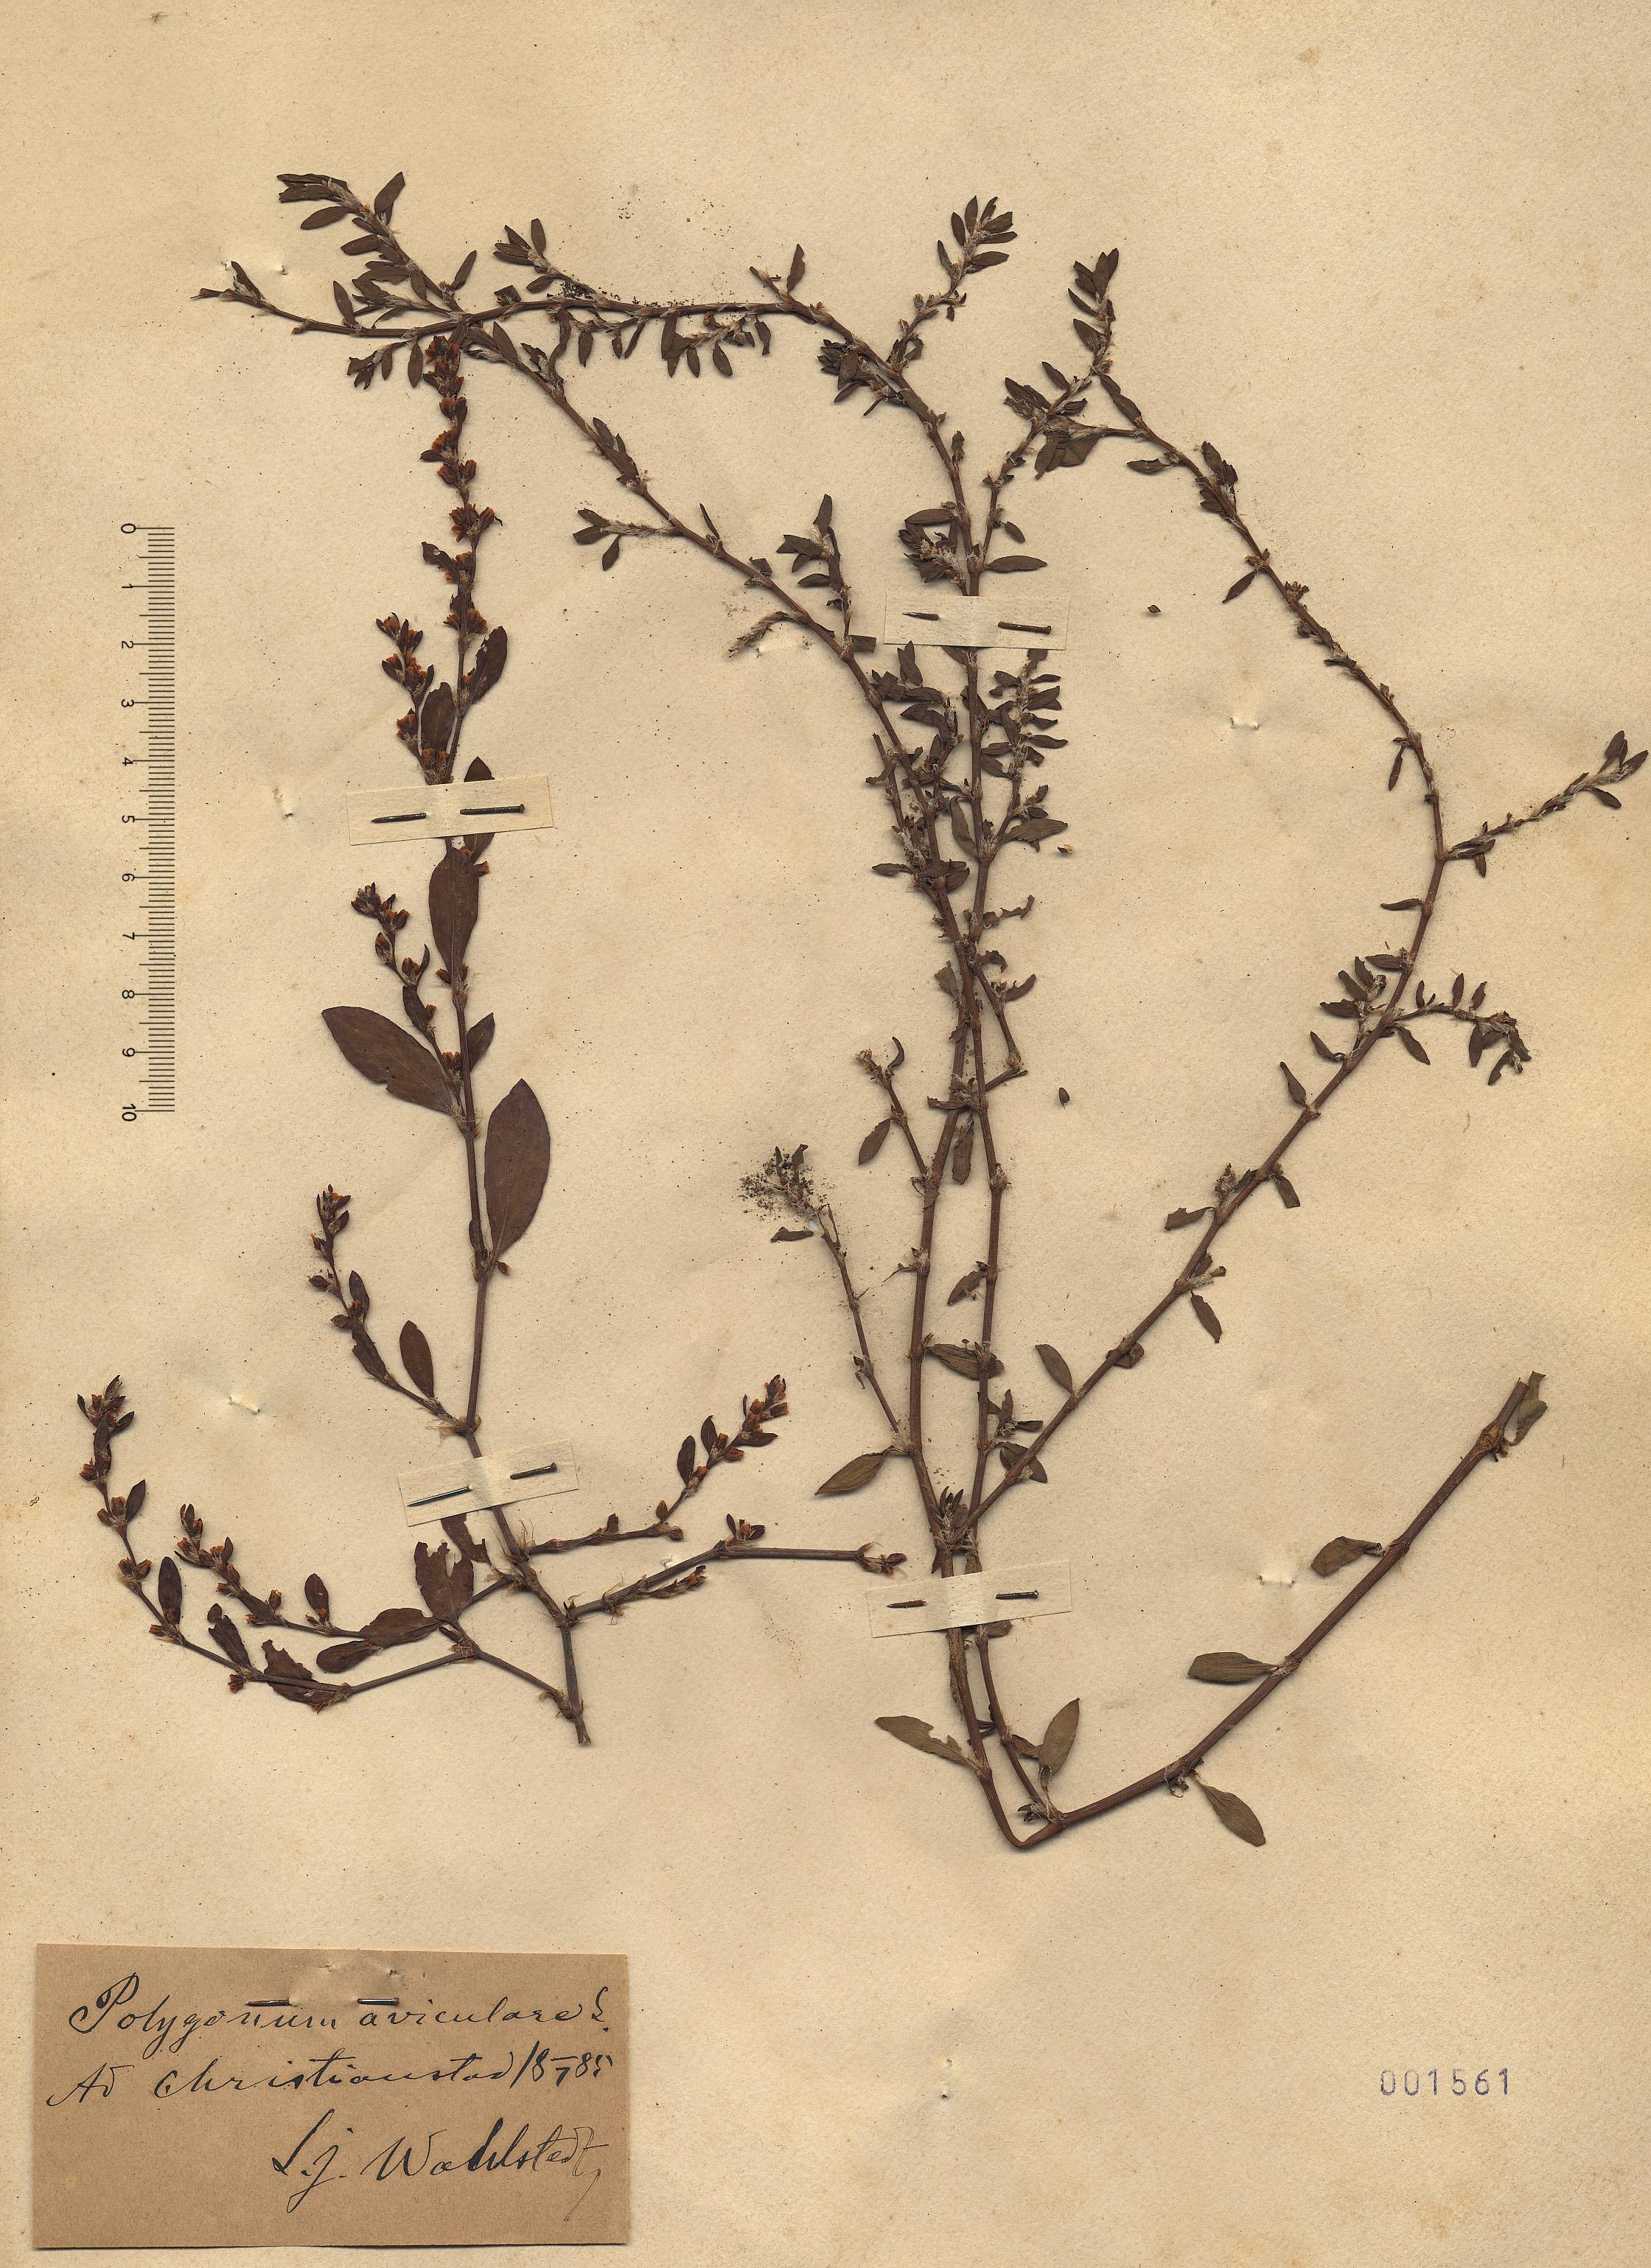 © Hortus Botanicus Catinensis - Heb. sheet 001561<br>